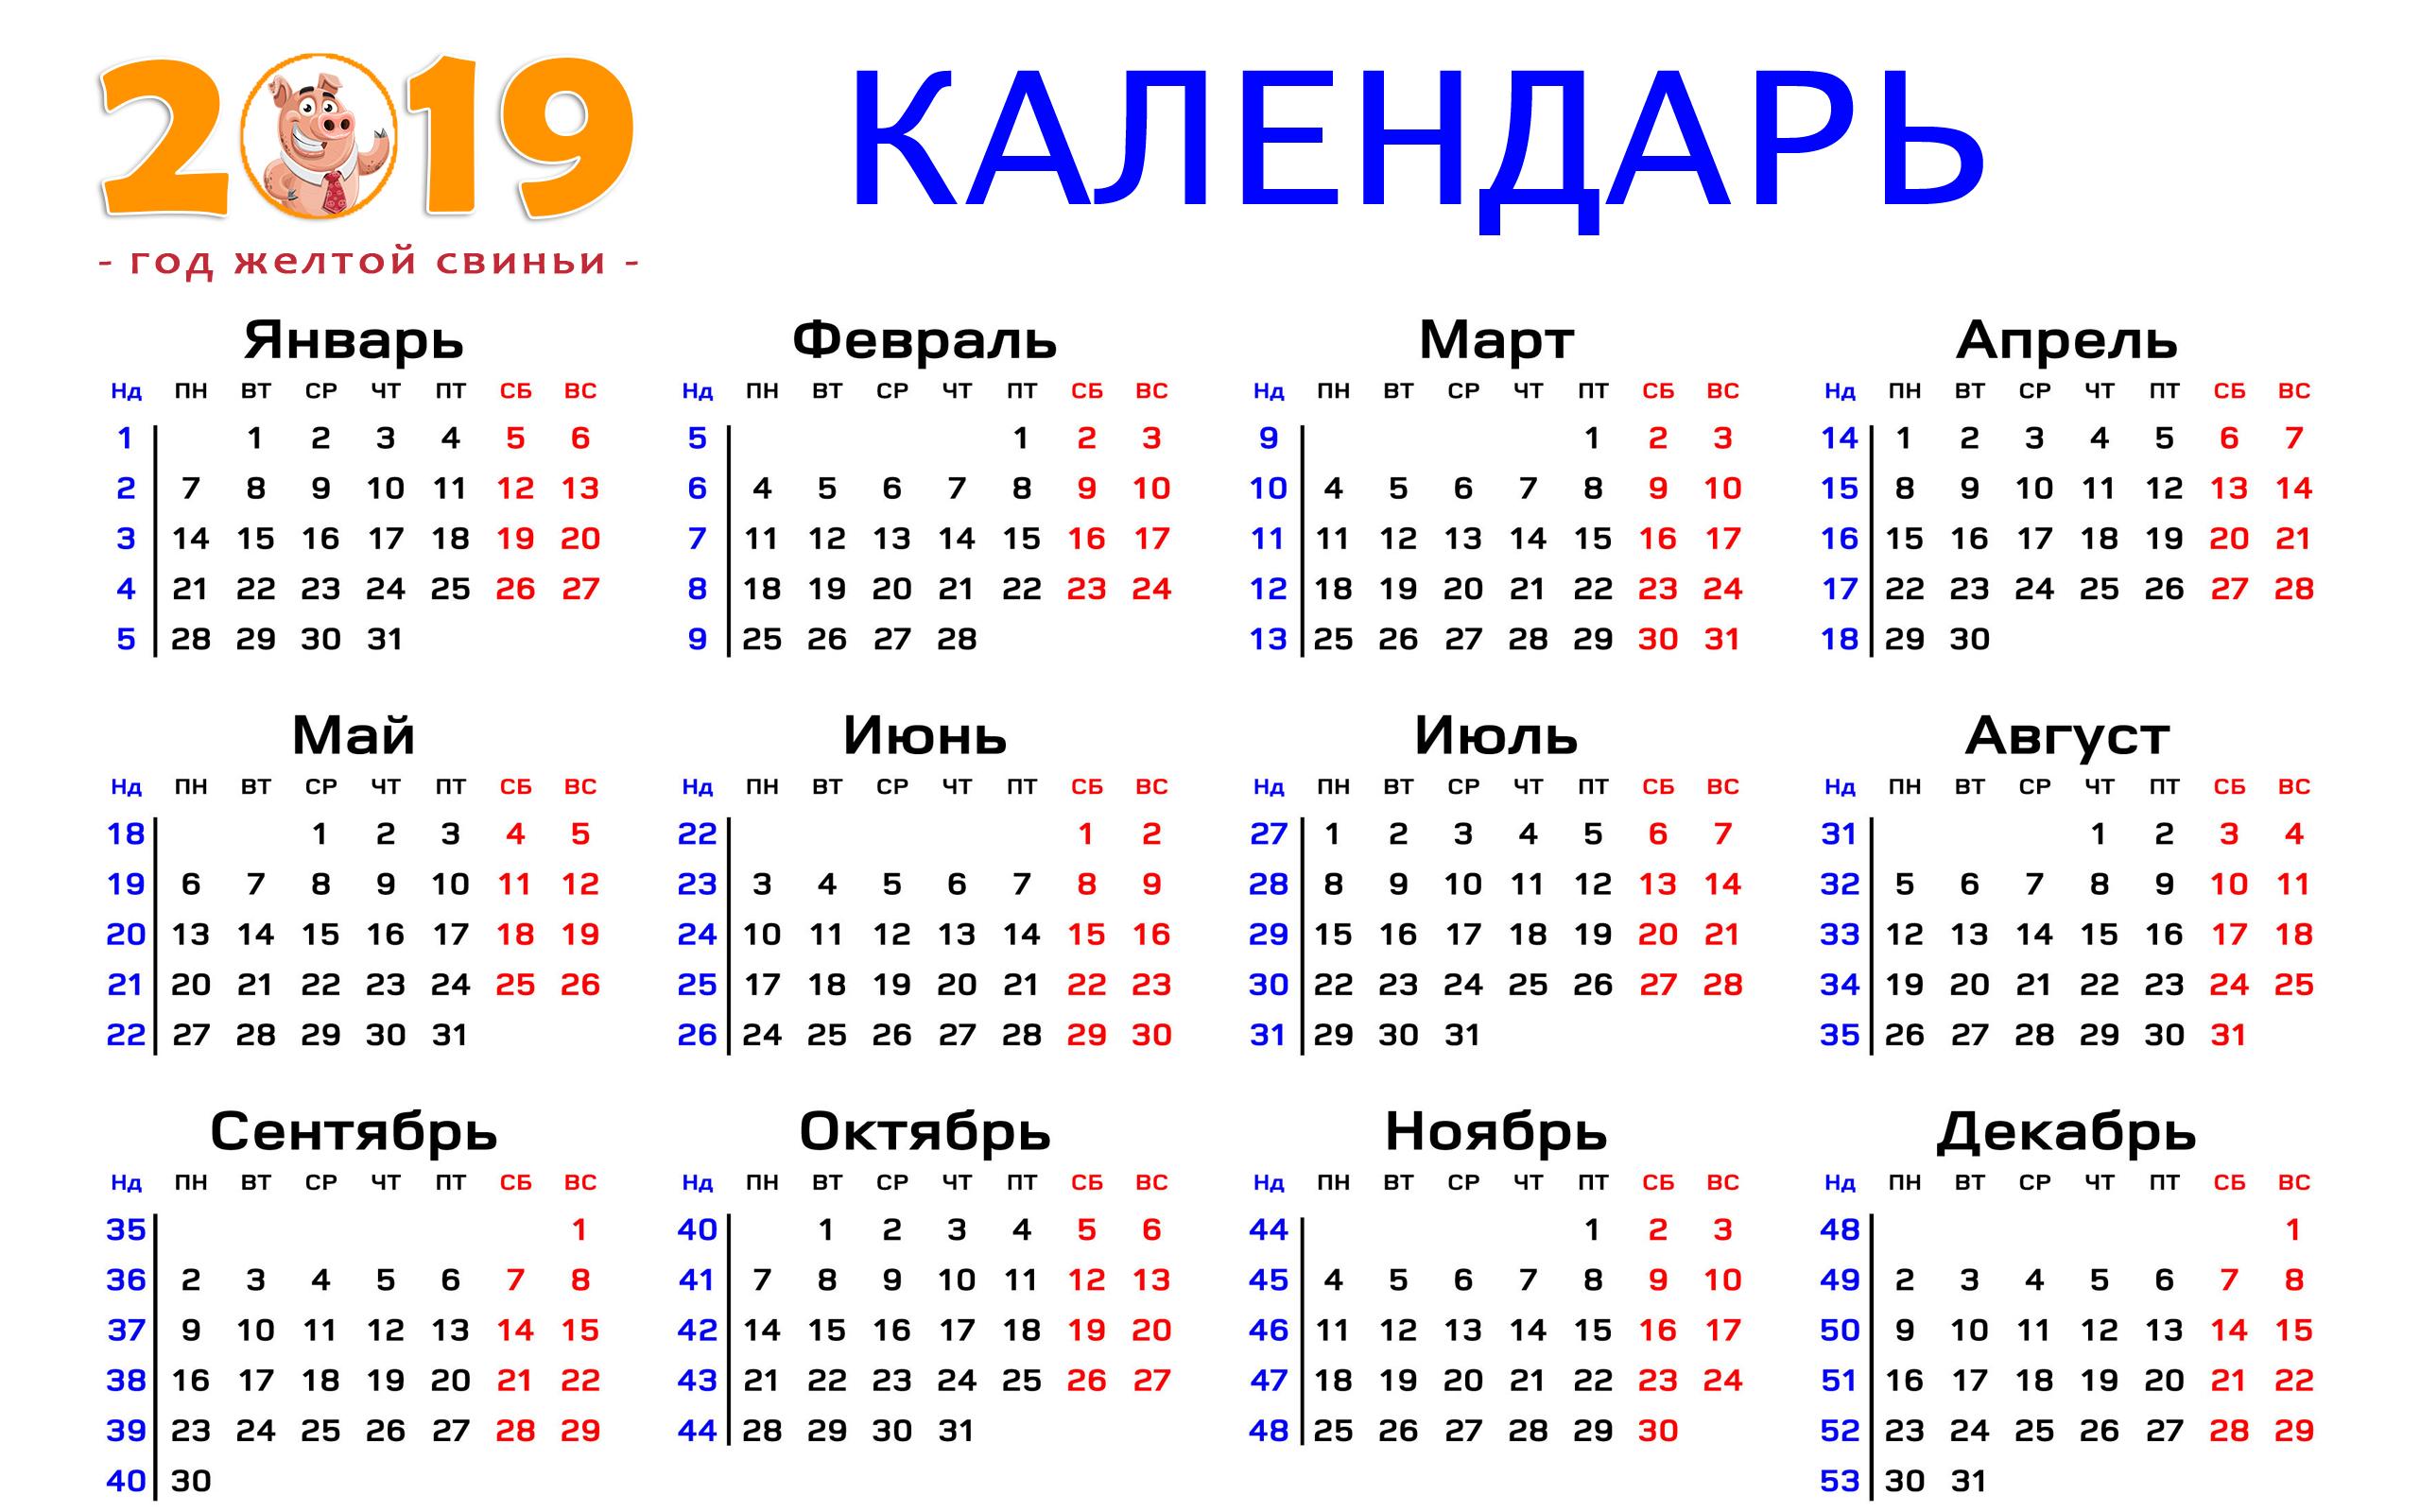 Календарь 2019, фон на рабочий стол ноутбука, 2560 на 1600 пикселей